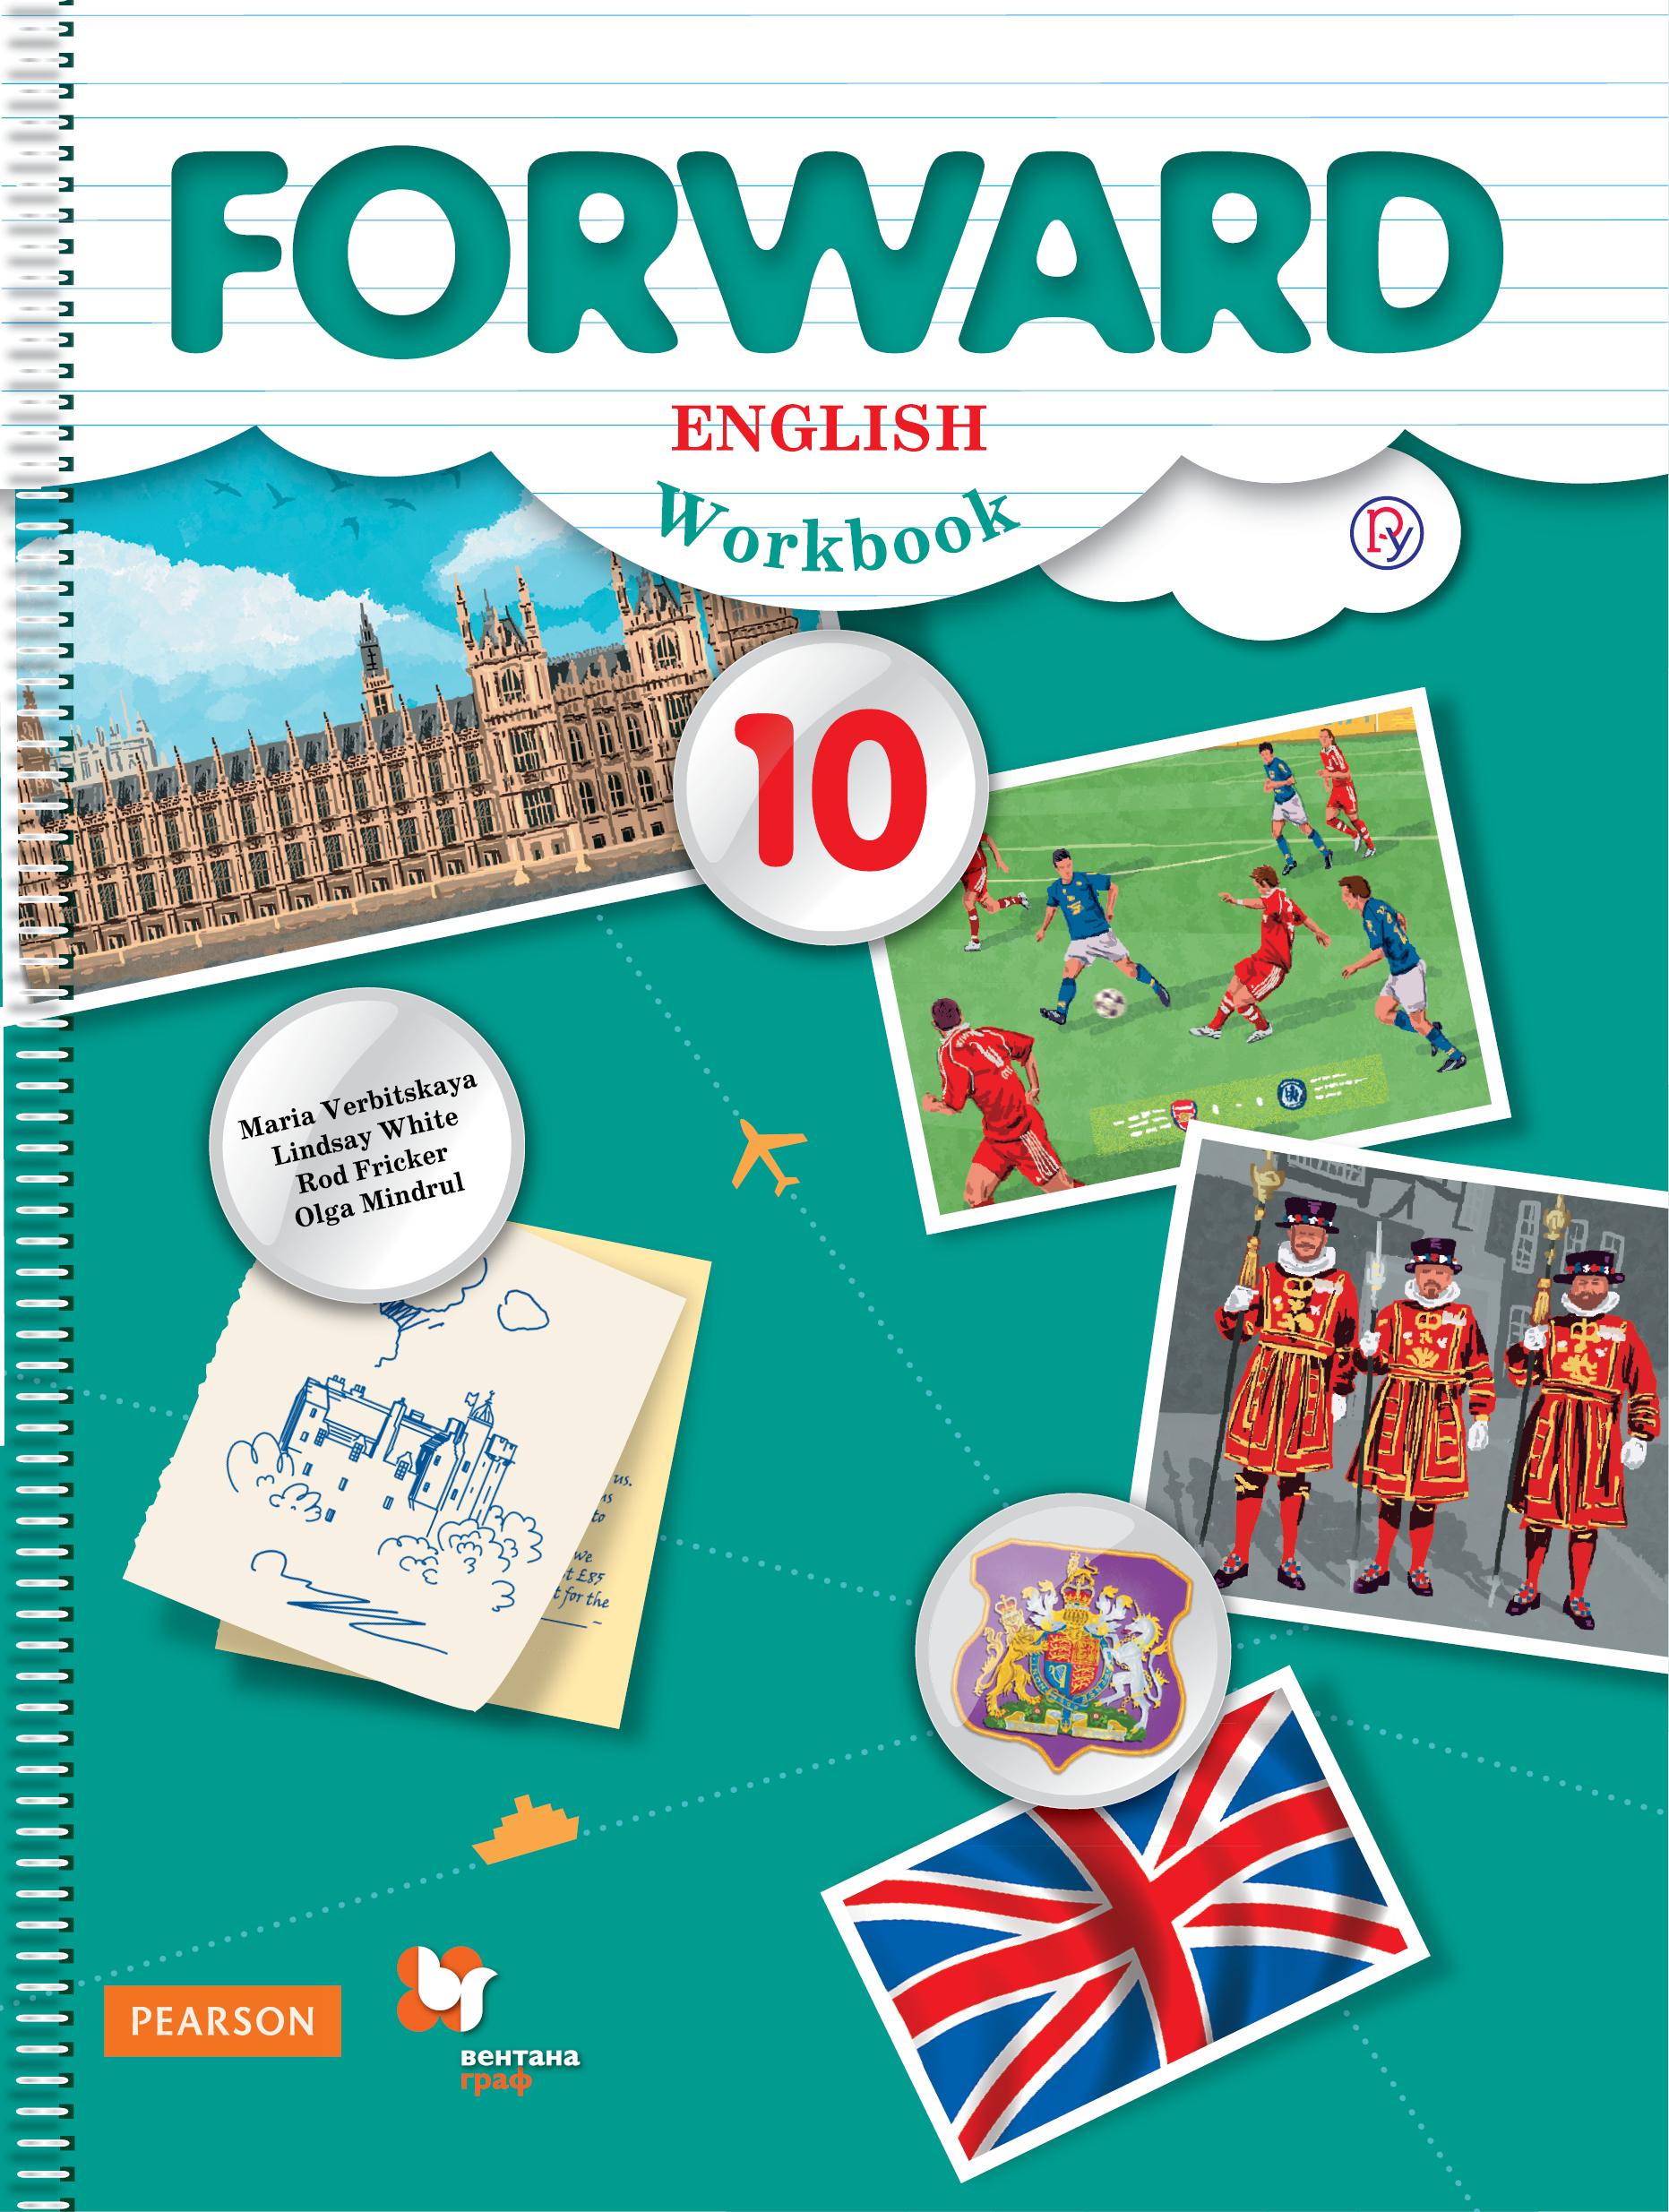 """Английский язык """"Forward"""". Рабочая тетрадь. 10 класс Вербицкая Уайт Фрикер"""